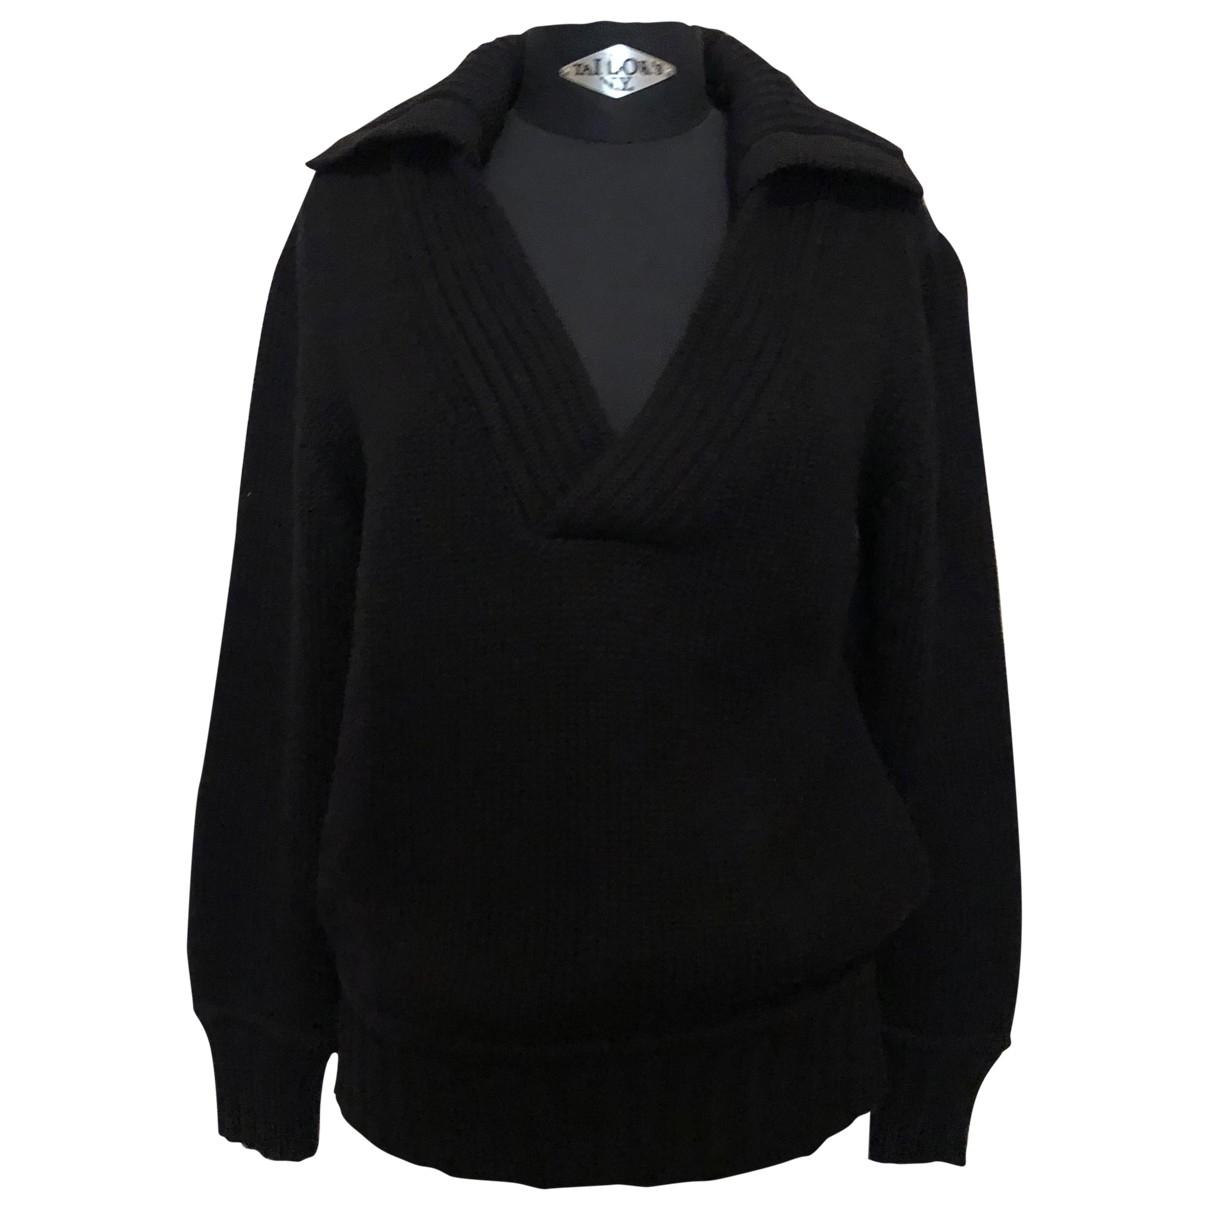 Y-3 - Pulls.Gilets.Sweats   pour homme en laine - noir